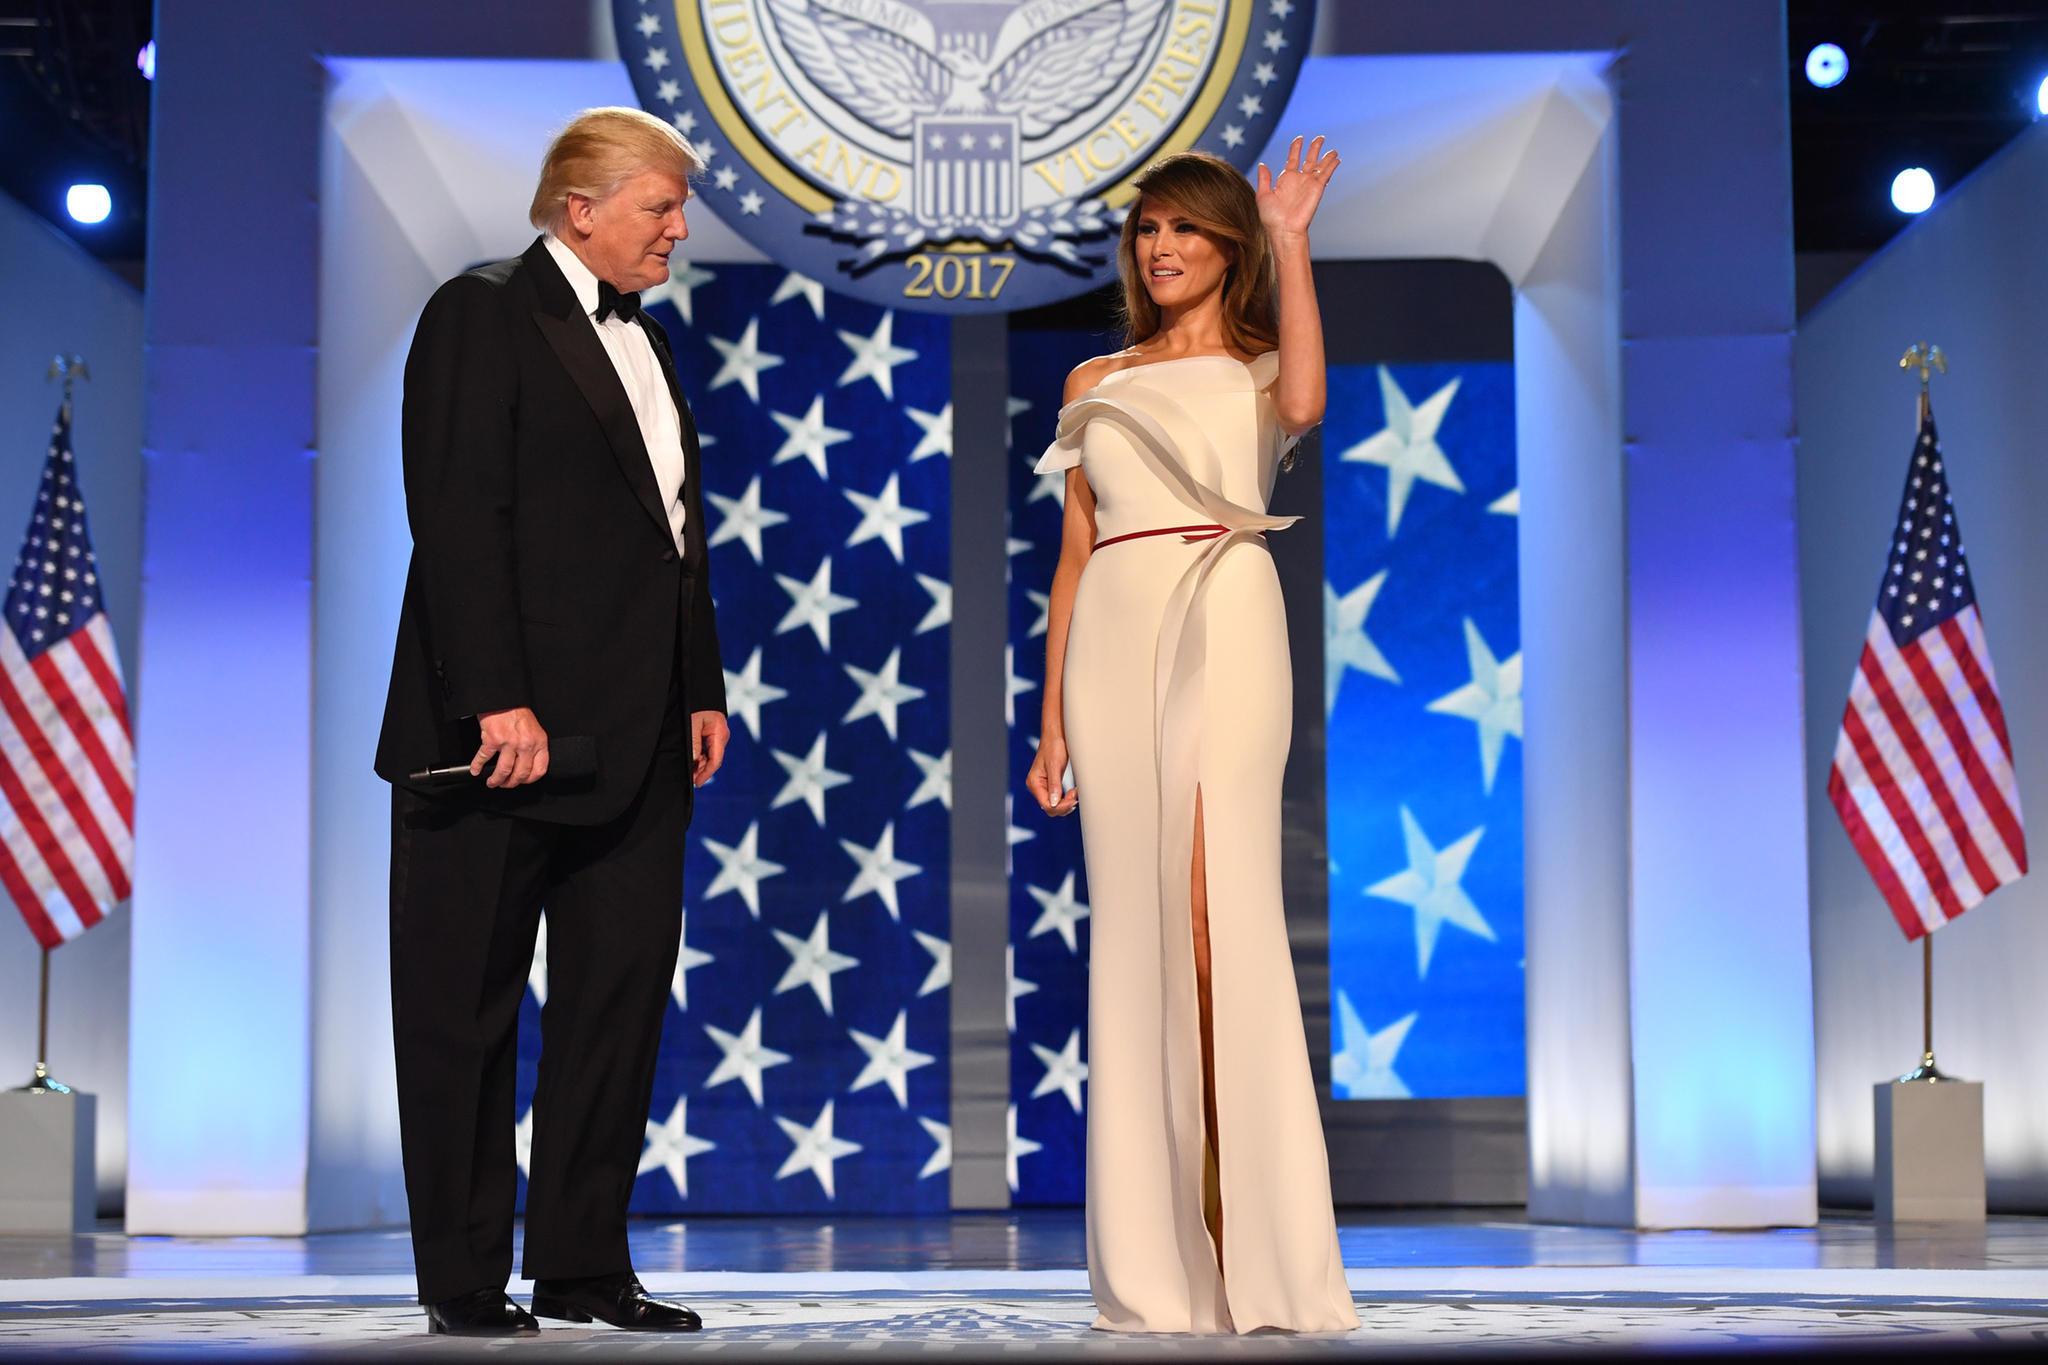 Bei diesem Traum aus Cremeweiß staunt sogar der Präsident:Melania Trump trägt beimFreedom Ball am Abend des 20. Januar 2017 in Washington eine Kreation von Hervé Pierre. Der Anfang ihrer Zusammenarbeit